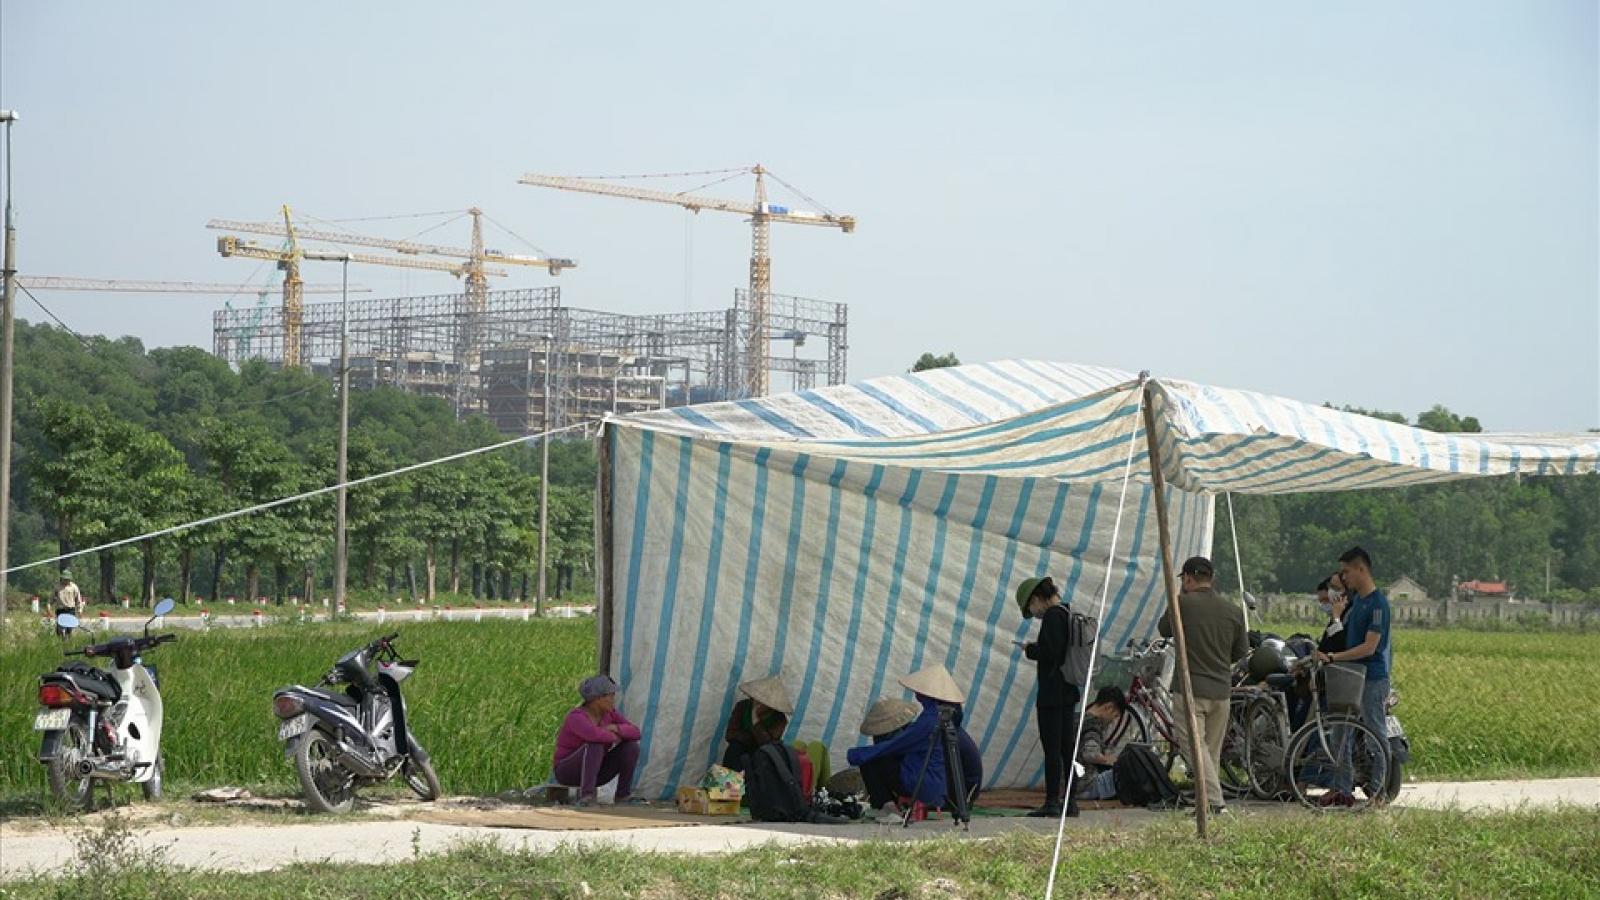 Lãnh đạo Hà Nội về, dân dựng lều chặn xe chở rác vào bãi Nam Sơn